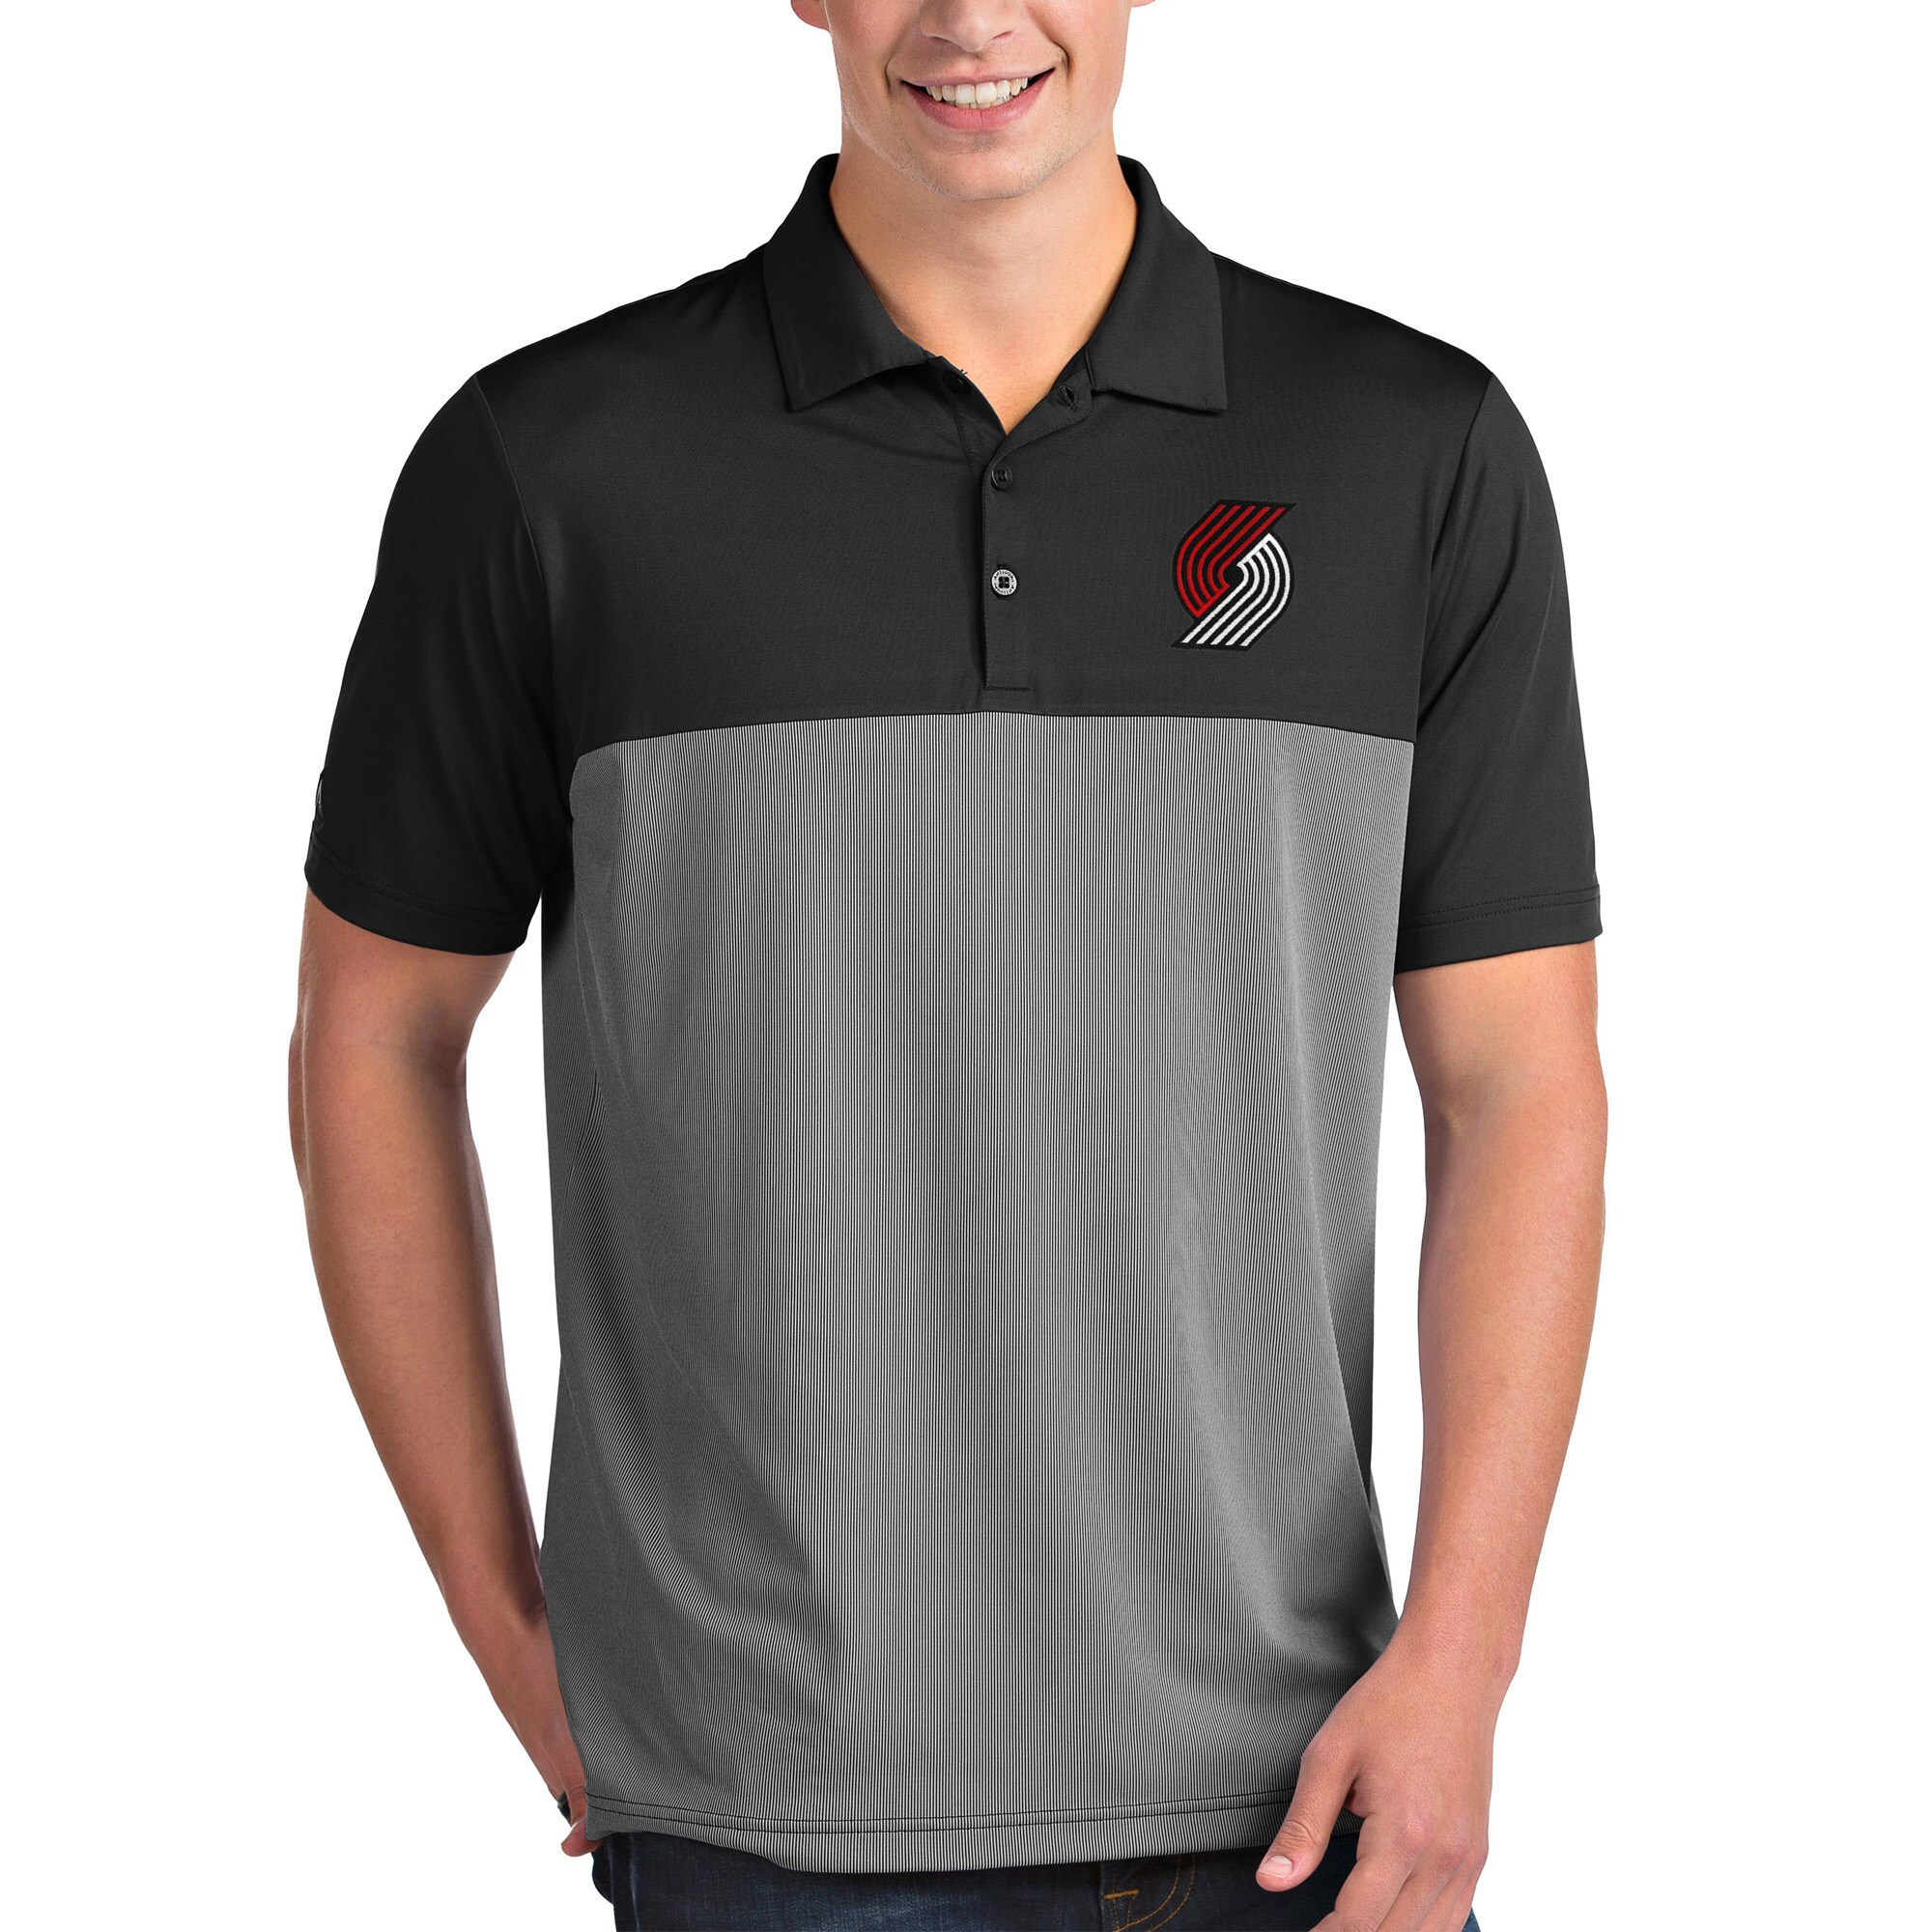 Portland Trail Blazers Antigua Venture Polo - Black/White